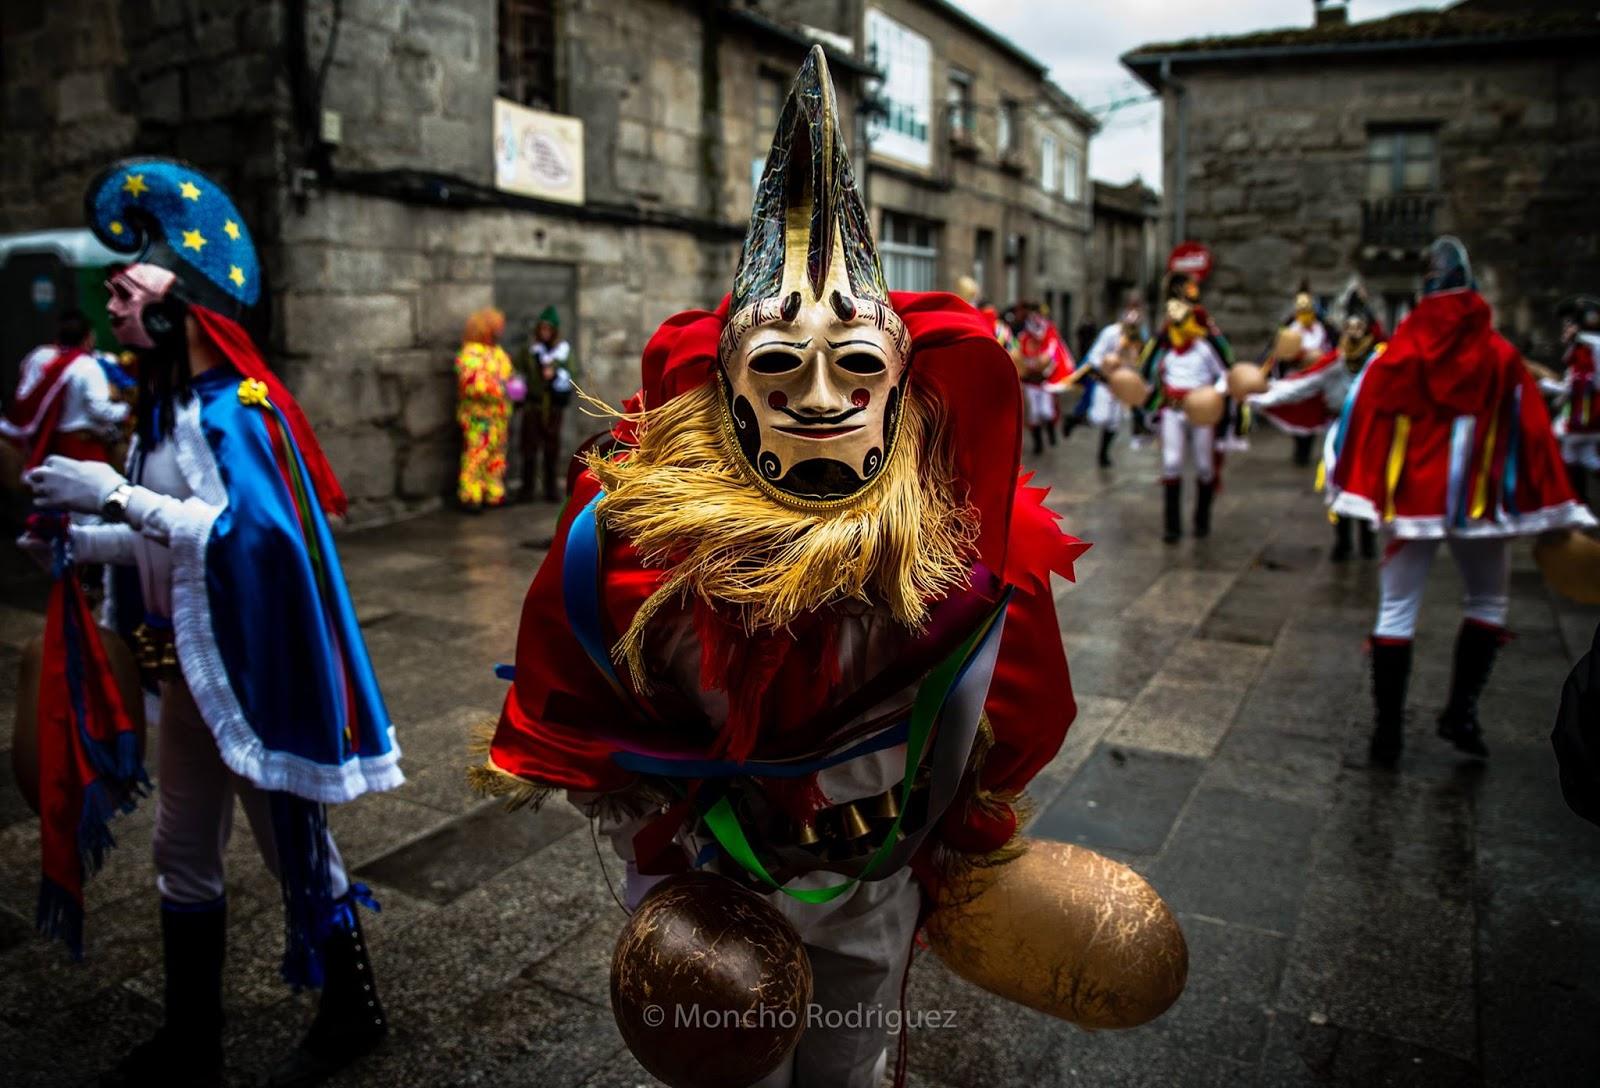 Comienza el carnaval en xinzo de limia vigopeques - Moncho fotografo ...